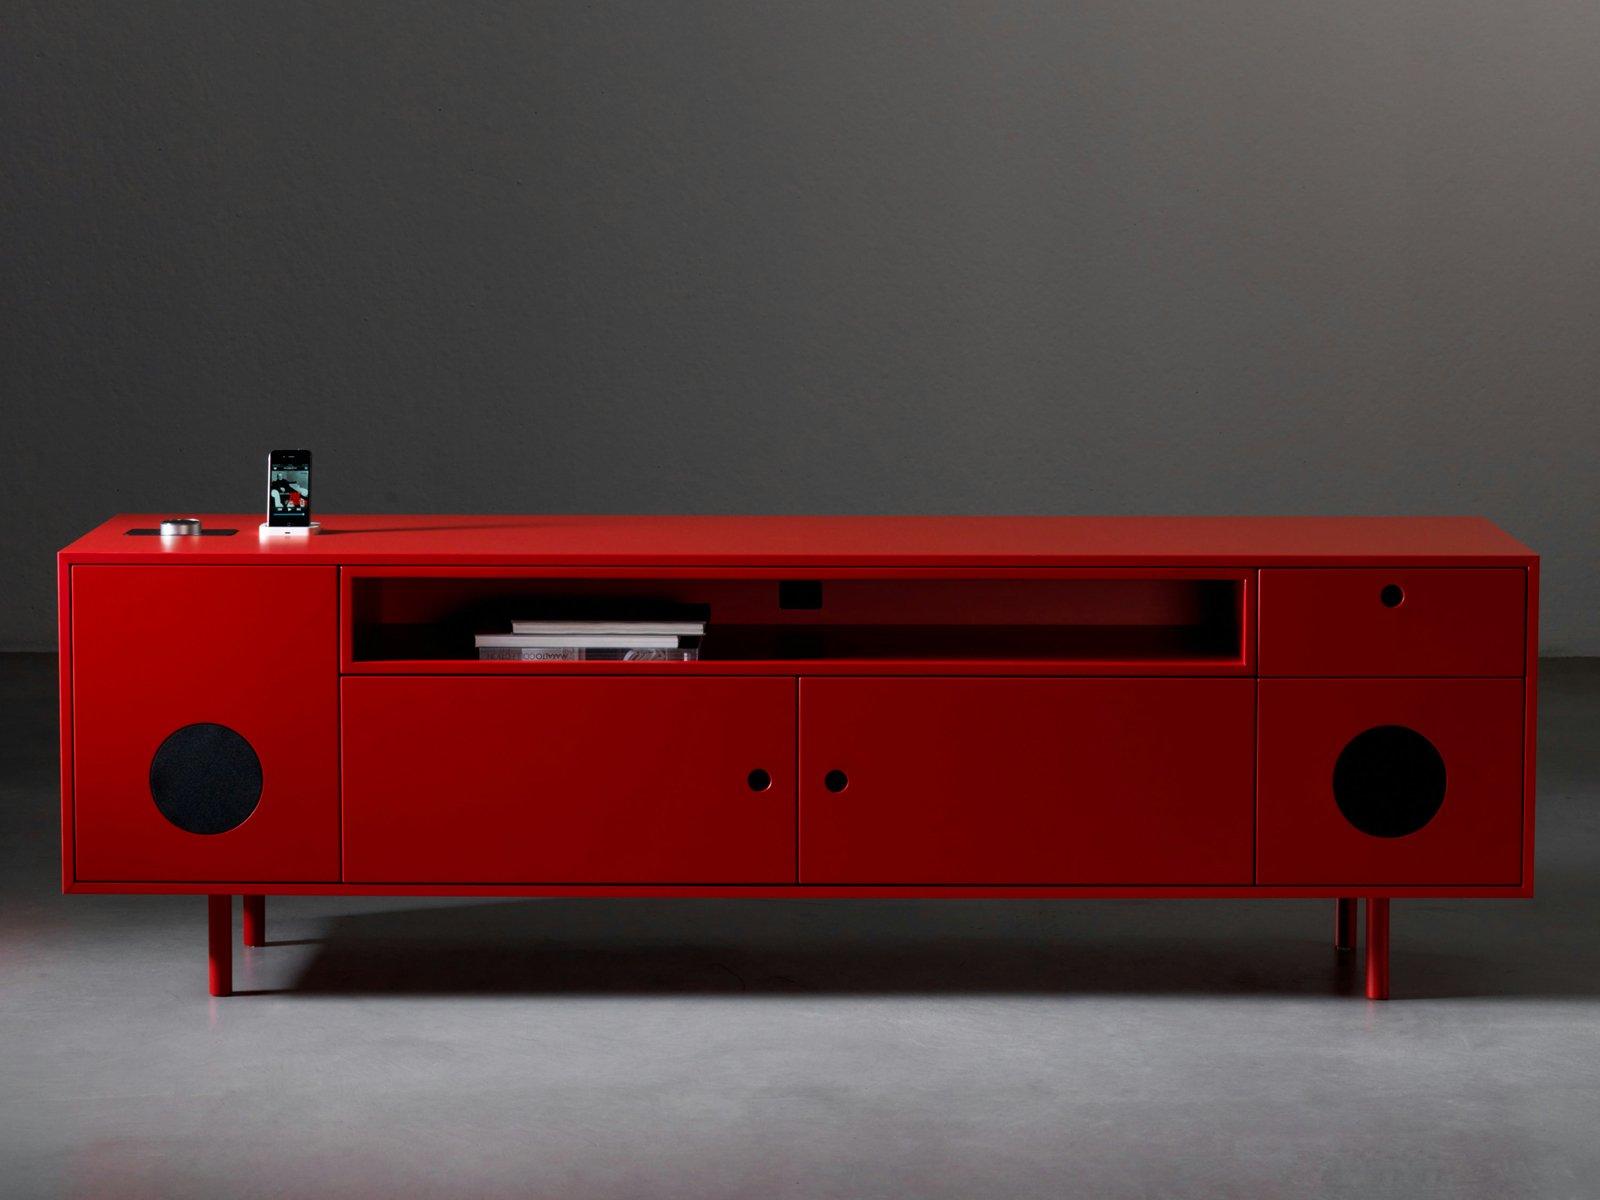 Caixa di Miniforms disegnata da Paolo Cappello è una madia con ...